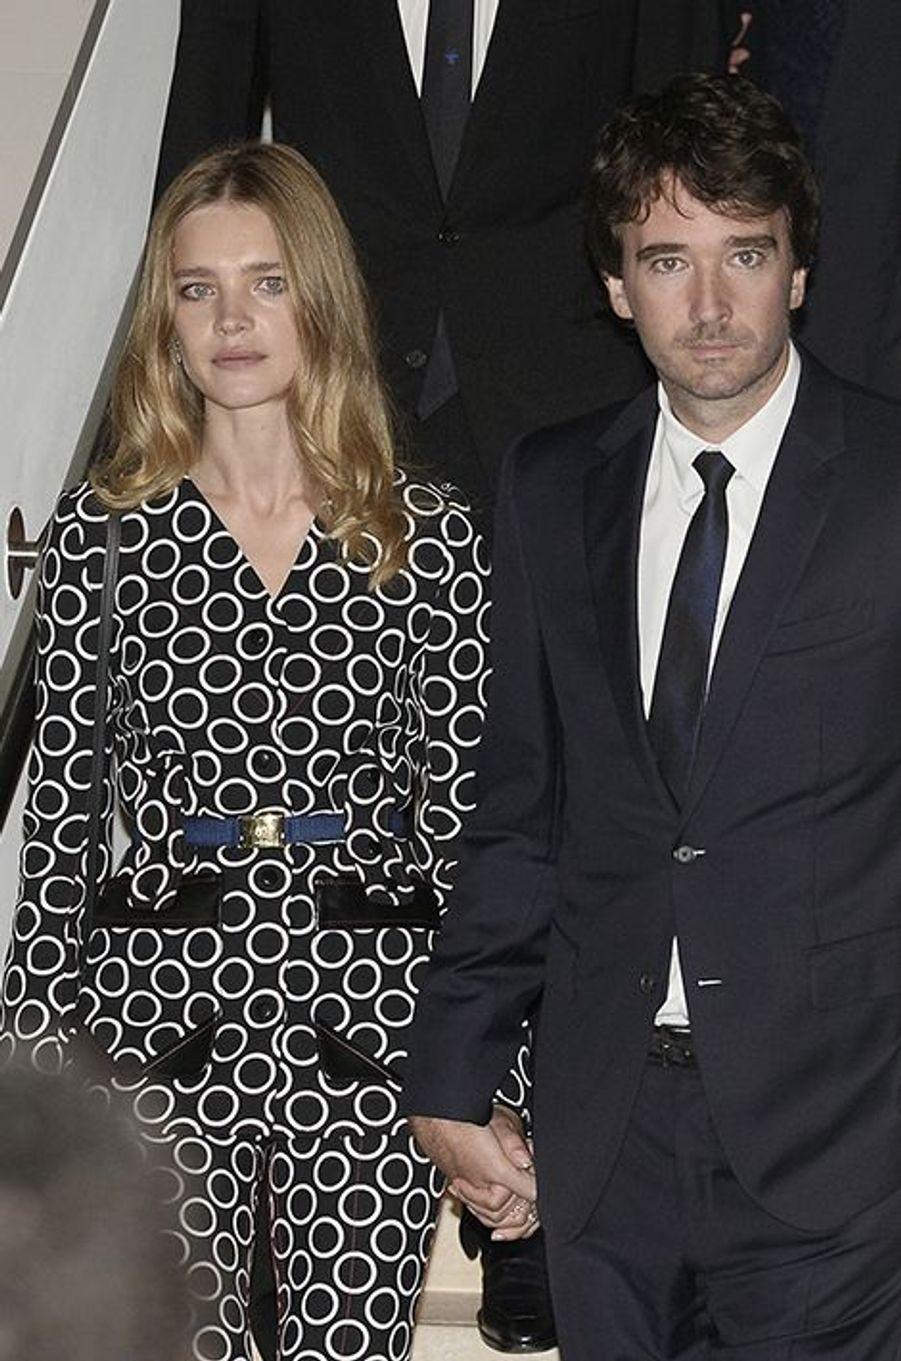 Natalia Vodianova et son compagnon, Antoine Arnault, à l'inauguration de la Fondation Louis Vuitton le 20 octobre 2014 à Paris